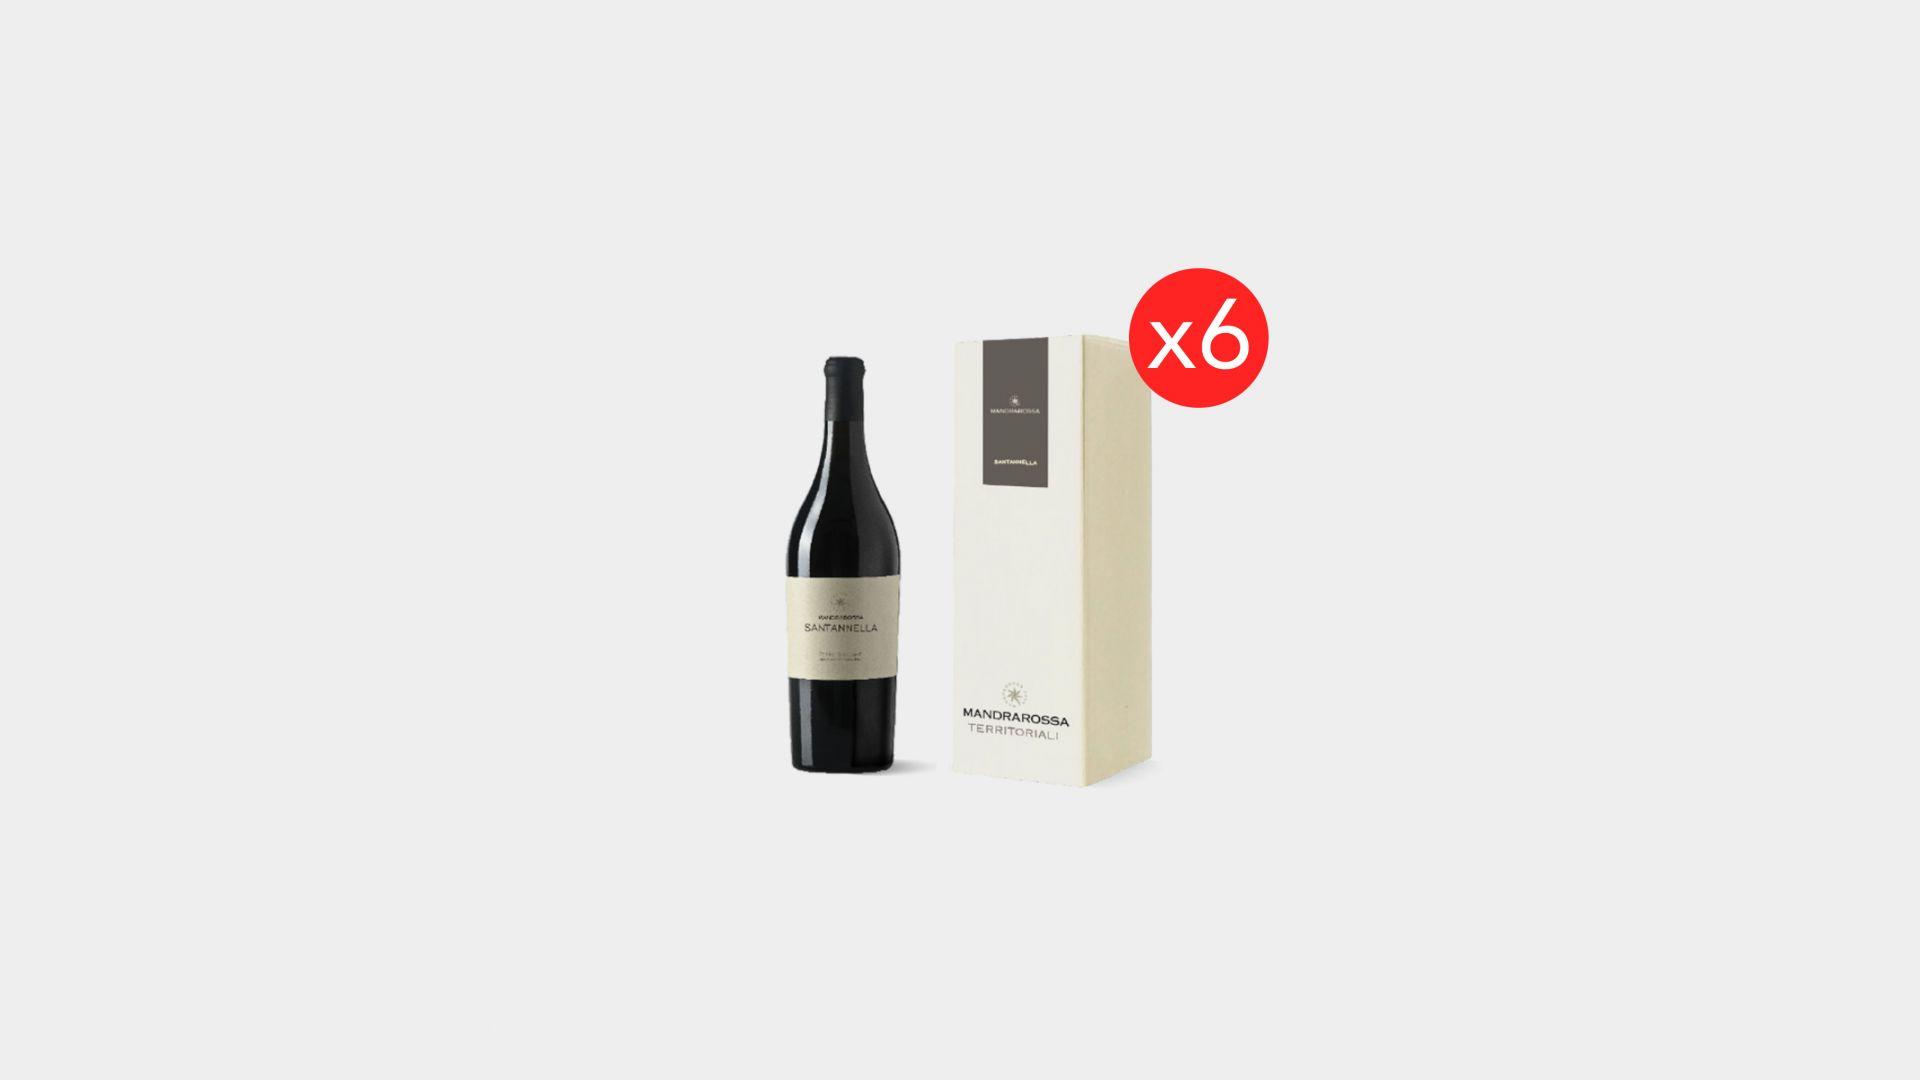 Confezione da 1 bottiglia di Santannella